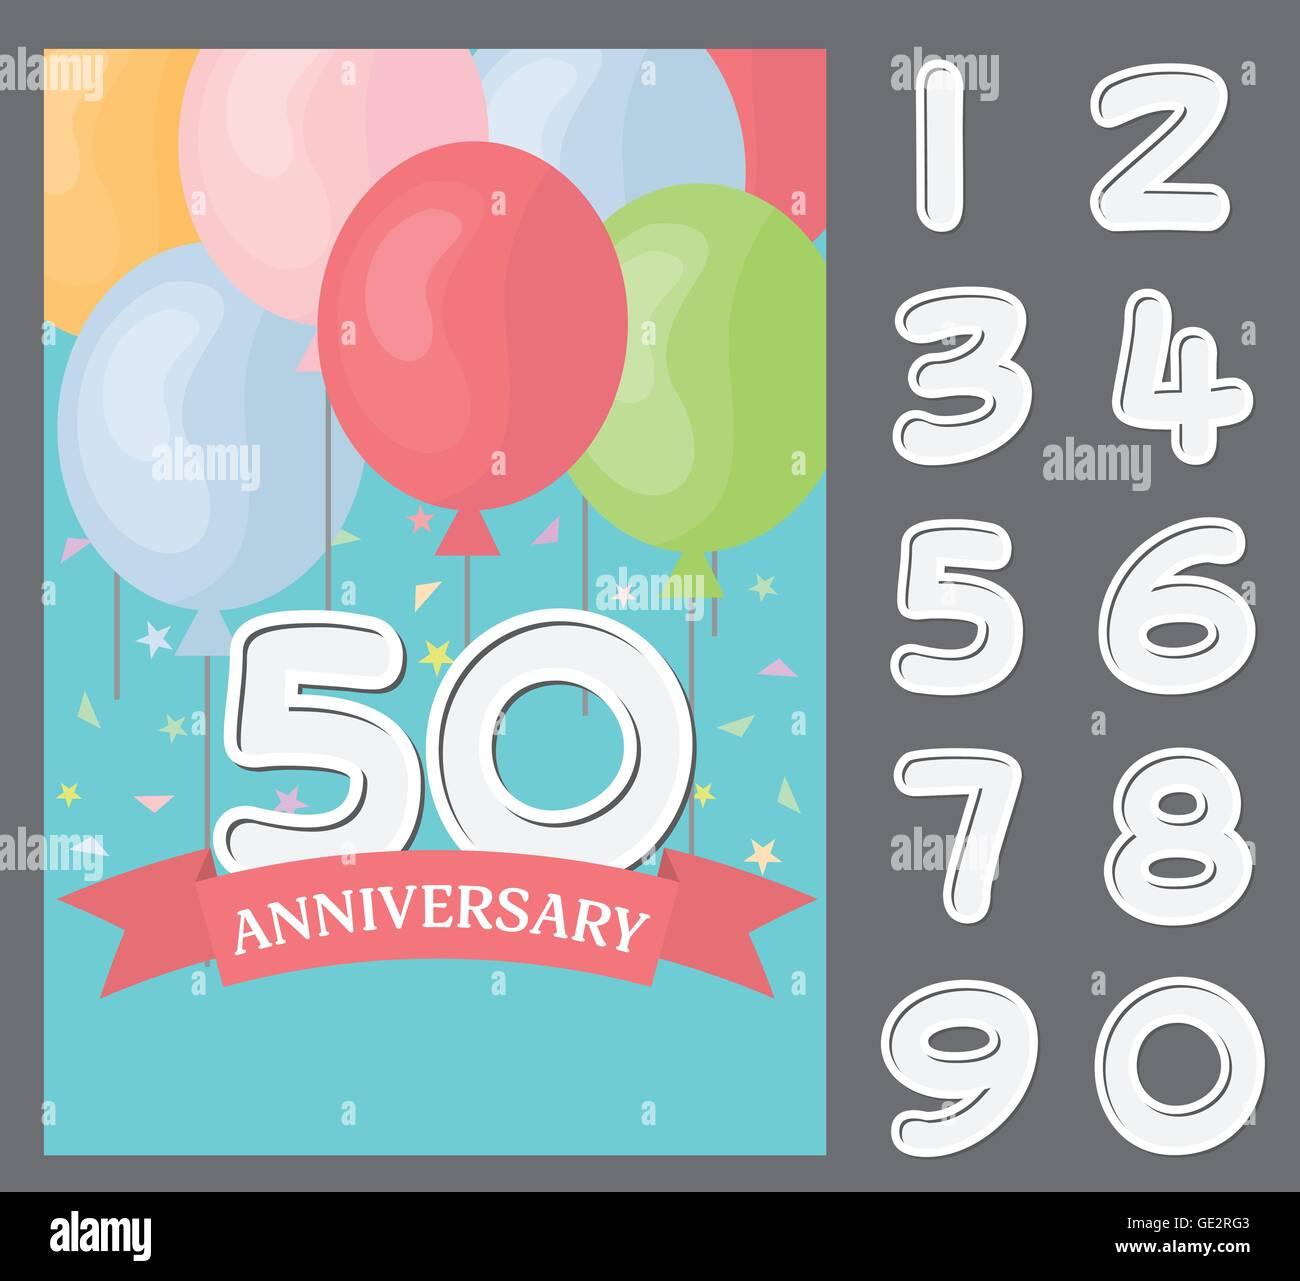 Dankeskarte Geburtstag Funkelnde Jahre